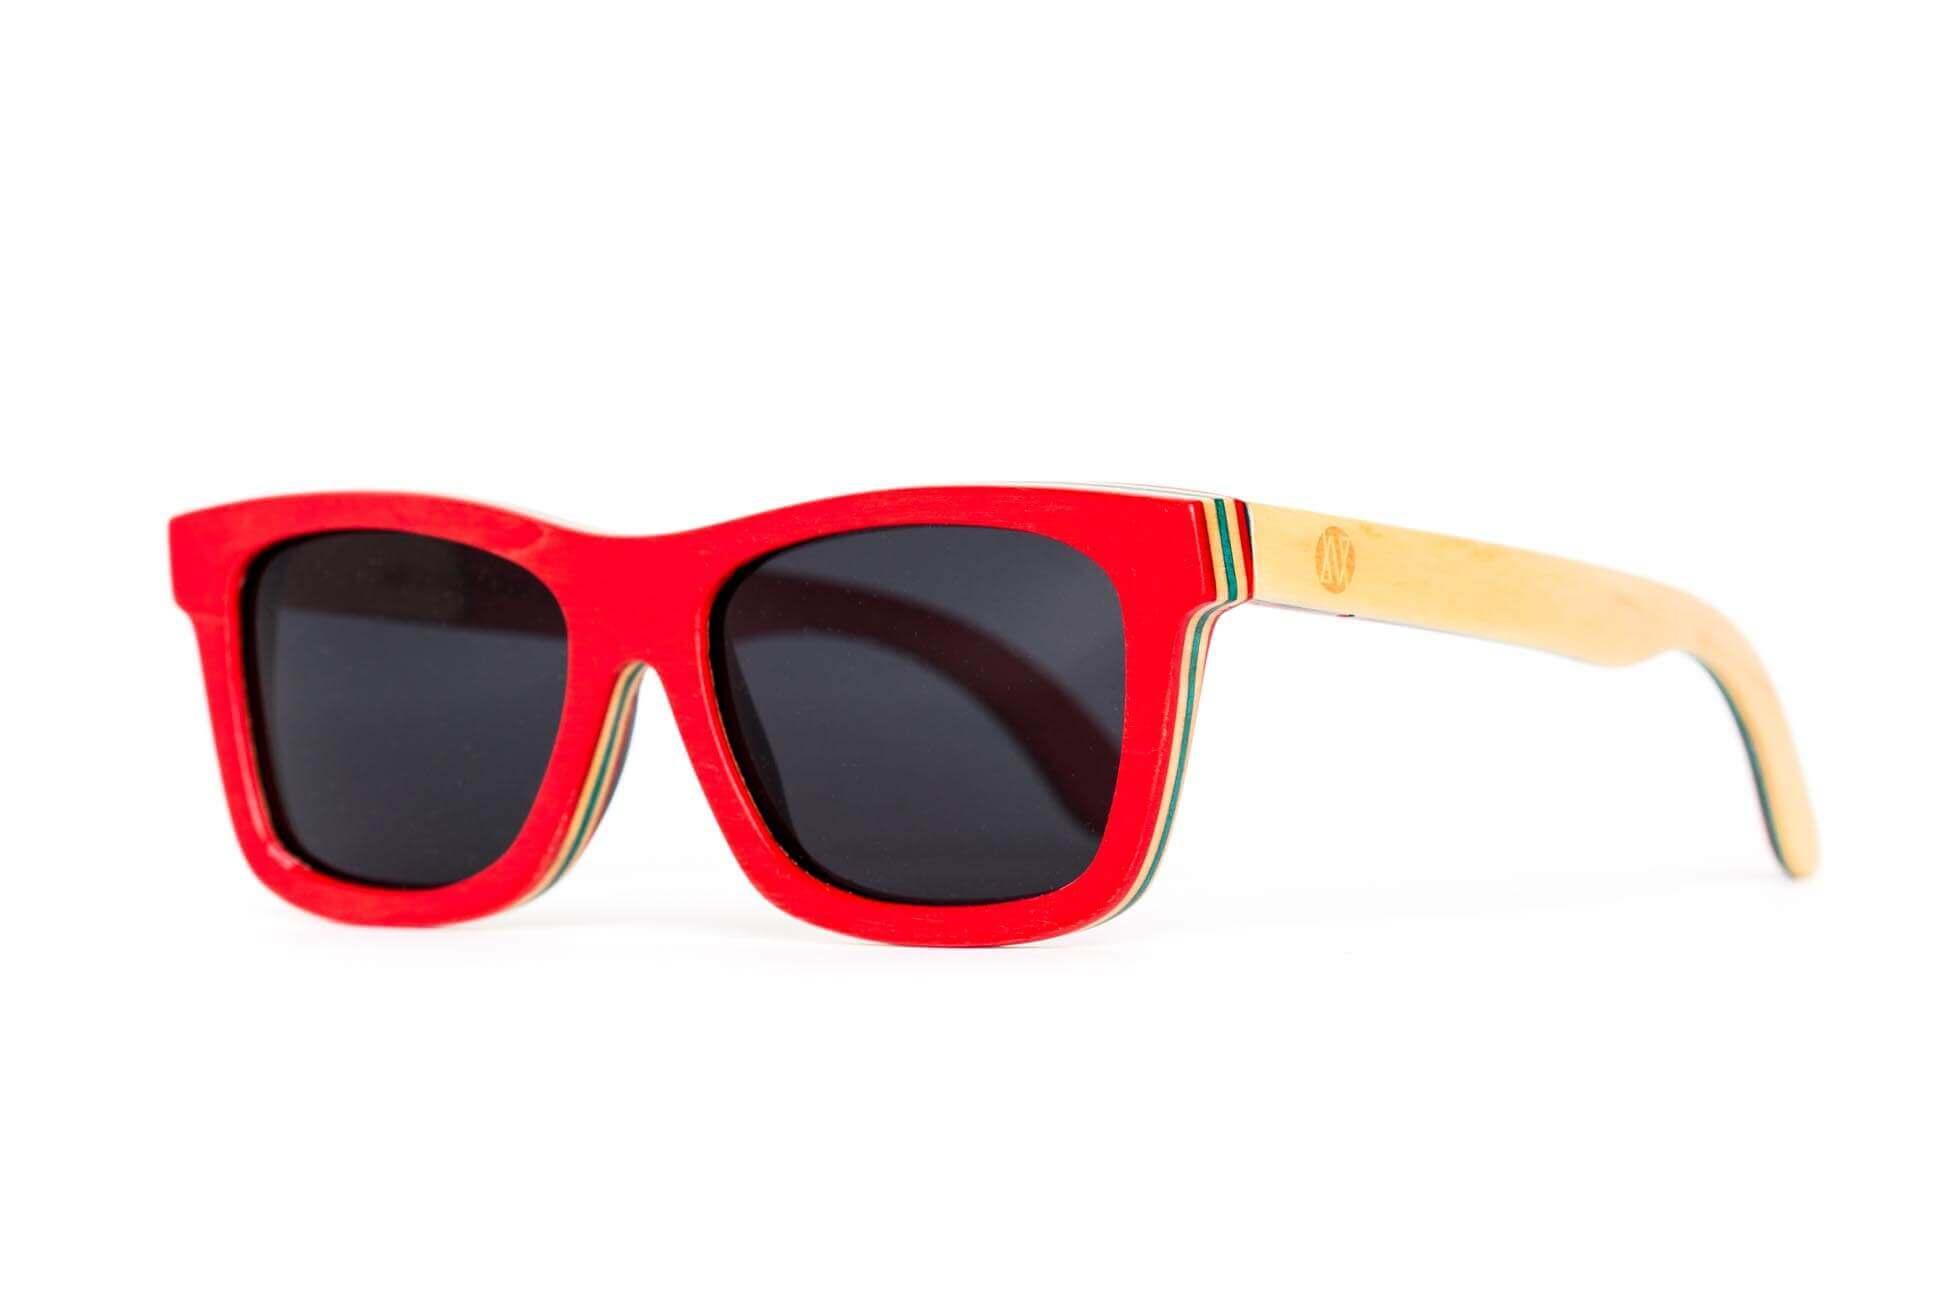 Produkfotografie - Brillen - Sonnenbrillen - Produktfotograf aus Klagenfurt, Kärnten, Österreich (5)